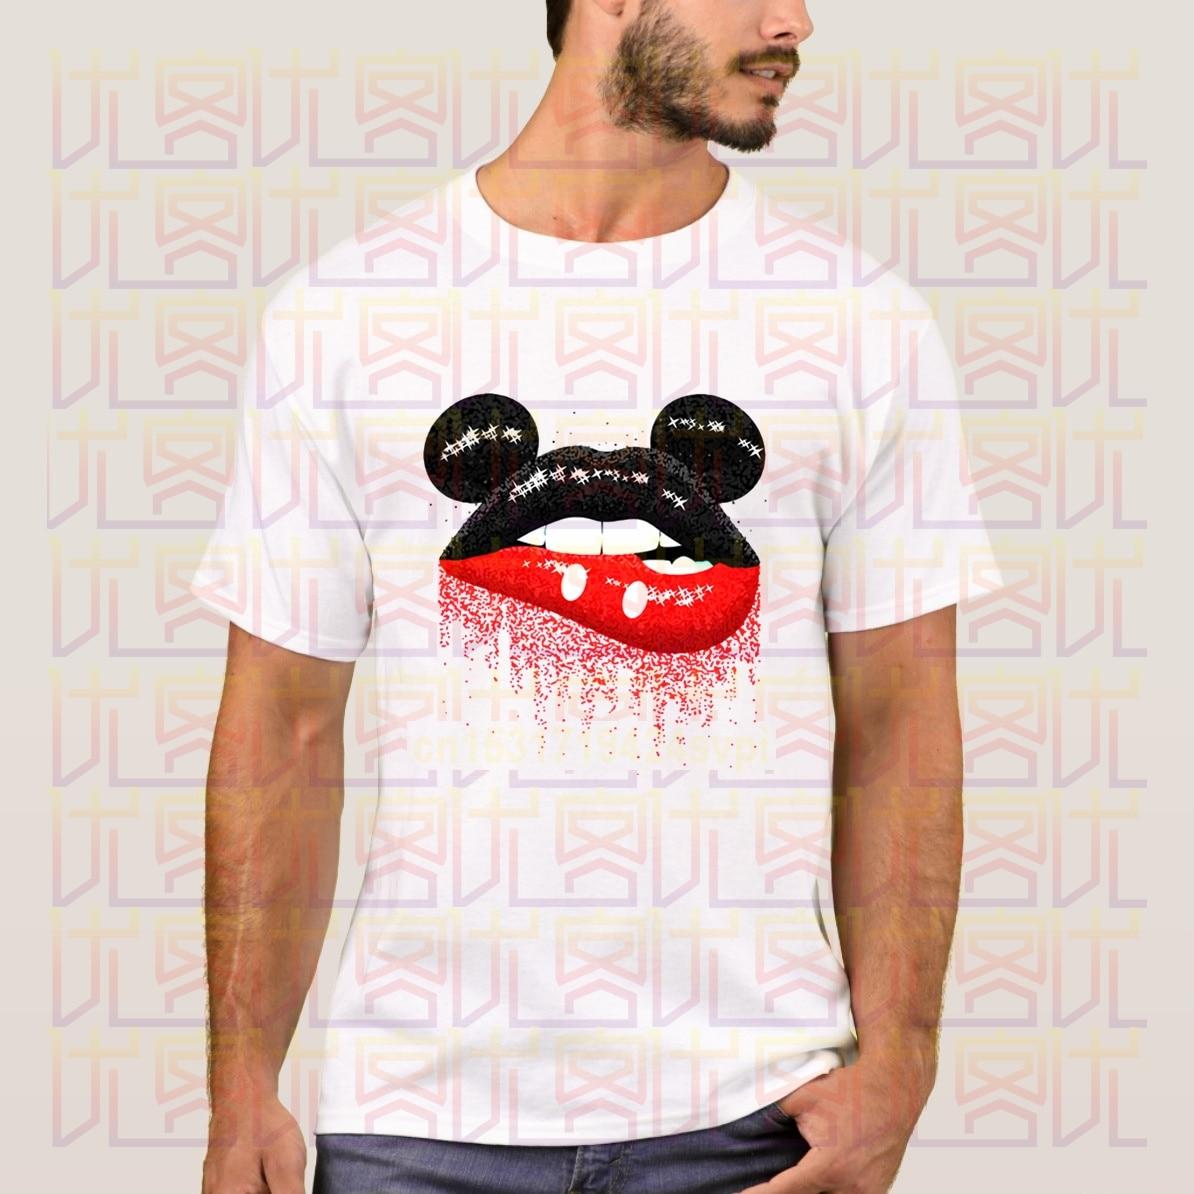 2020 Новая мужская рубашка Унисекс Премиум большой пастью акулы Est 1928 футболка дизайн Clothfusion модные креативные узор T-shirt1